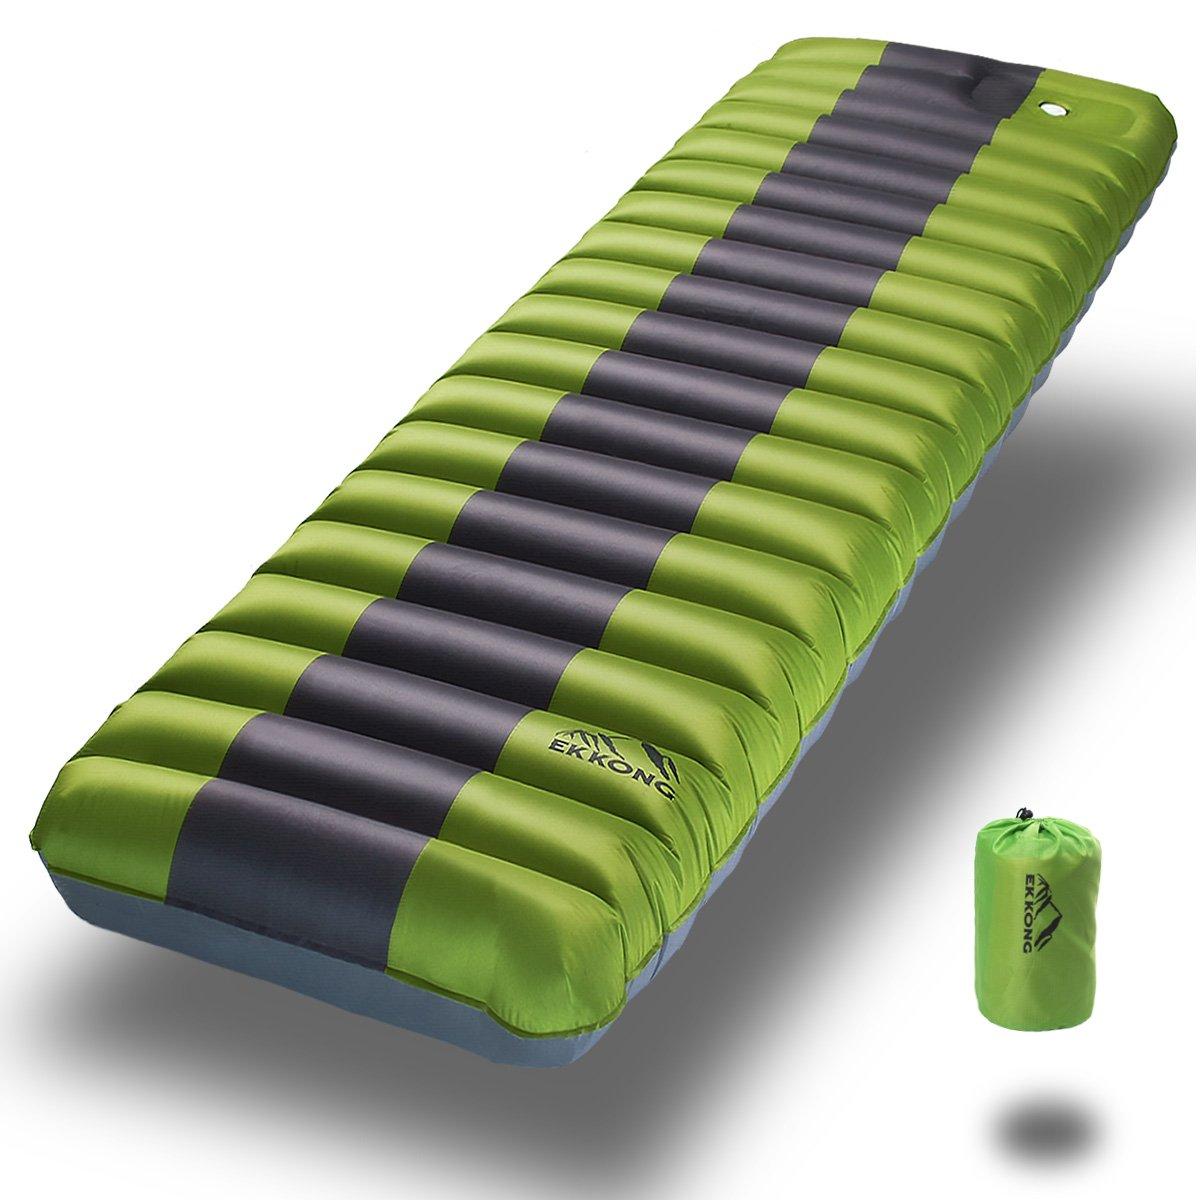 EKKONG Sleeping Pad para Acampar, mochilero, Senderismo. Diseño Inflable Rápido del Tubo de Aire con la Bomba incorporada, 190 x 60 x 12cm (Verde)